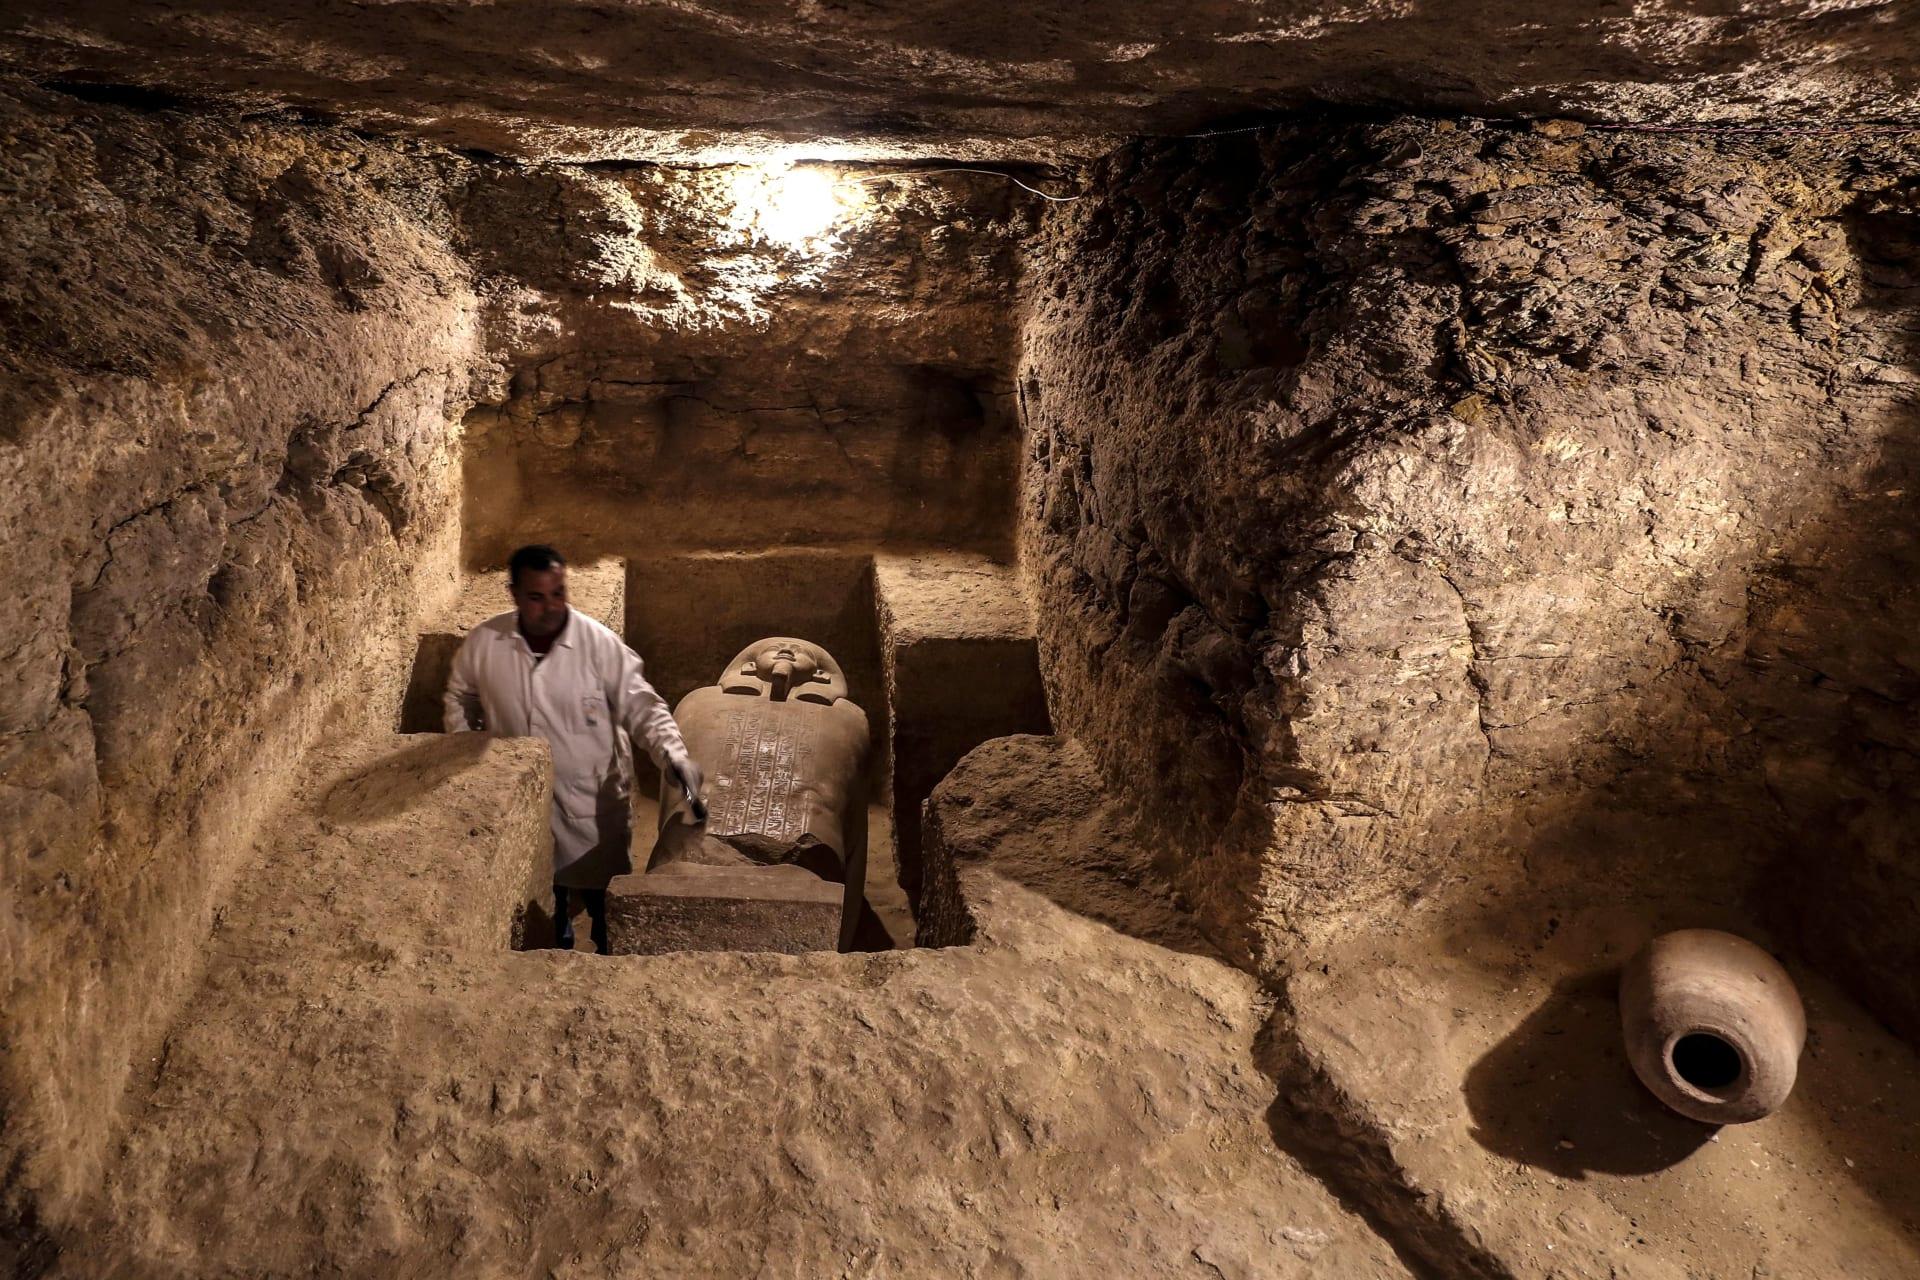 مصر.. كشف أثري جديد لمقبرة حارس الخزانة الملكية يتضمن مئات التماثيل الفرعونية